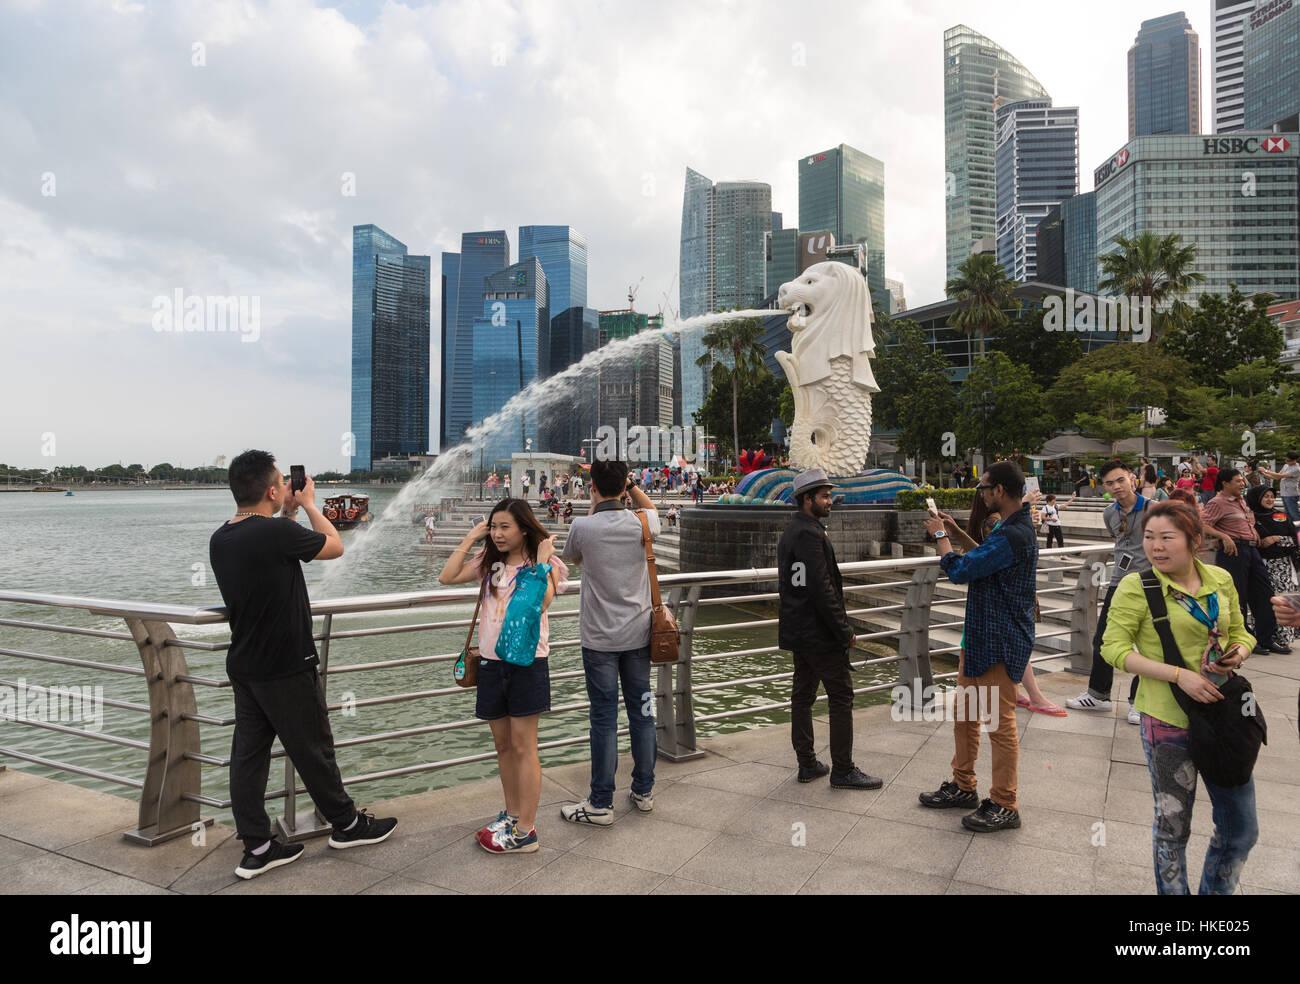 Singapur, Singapur - 22 de febrero de 2016: Los turistas toman fotos en frente de la ciudad famosos rascacielos y la estatua Merlion. Foto de stock